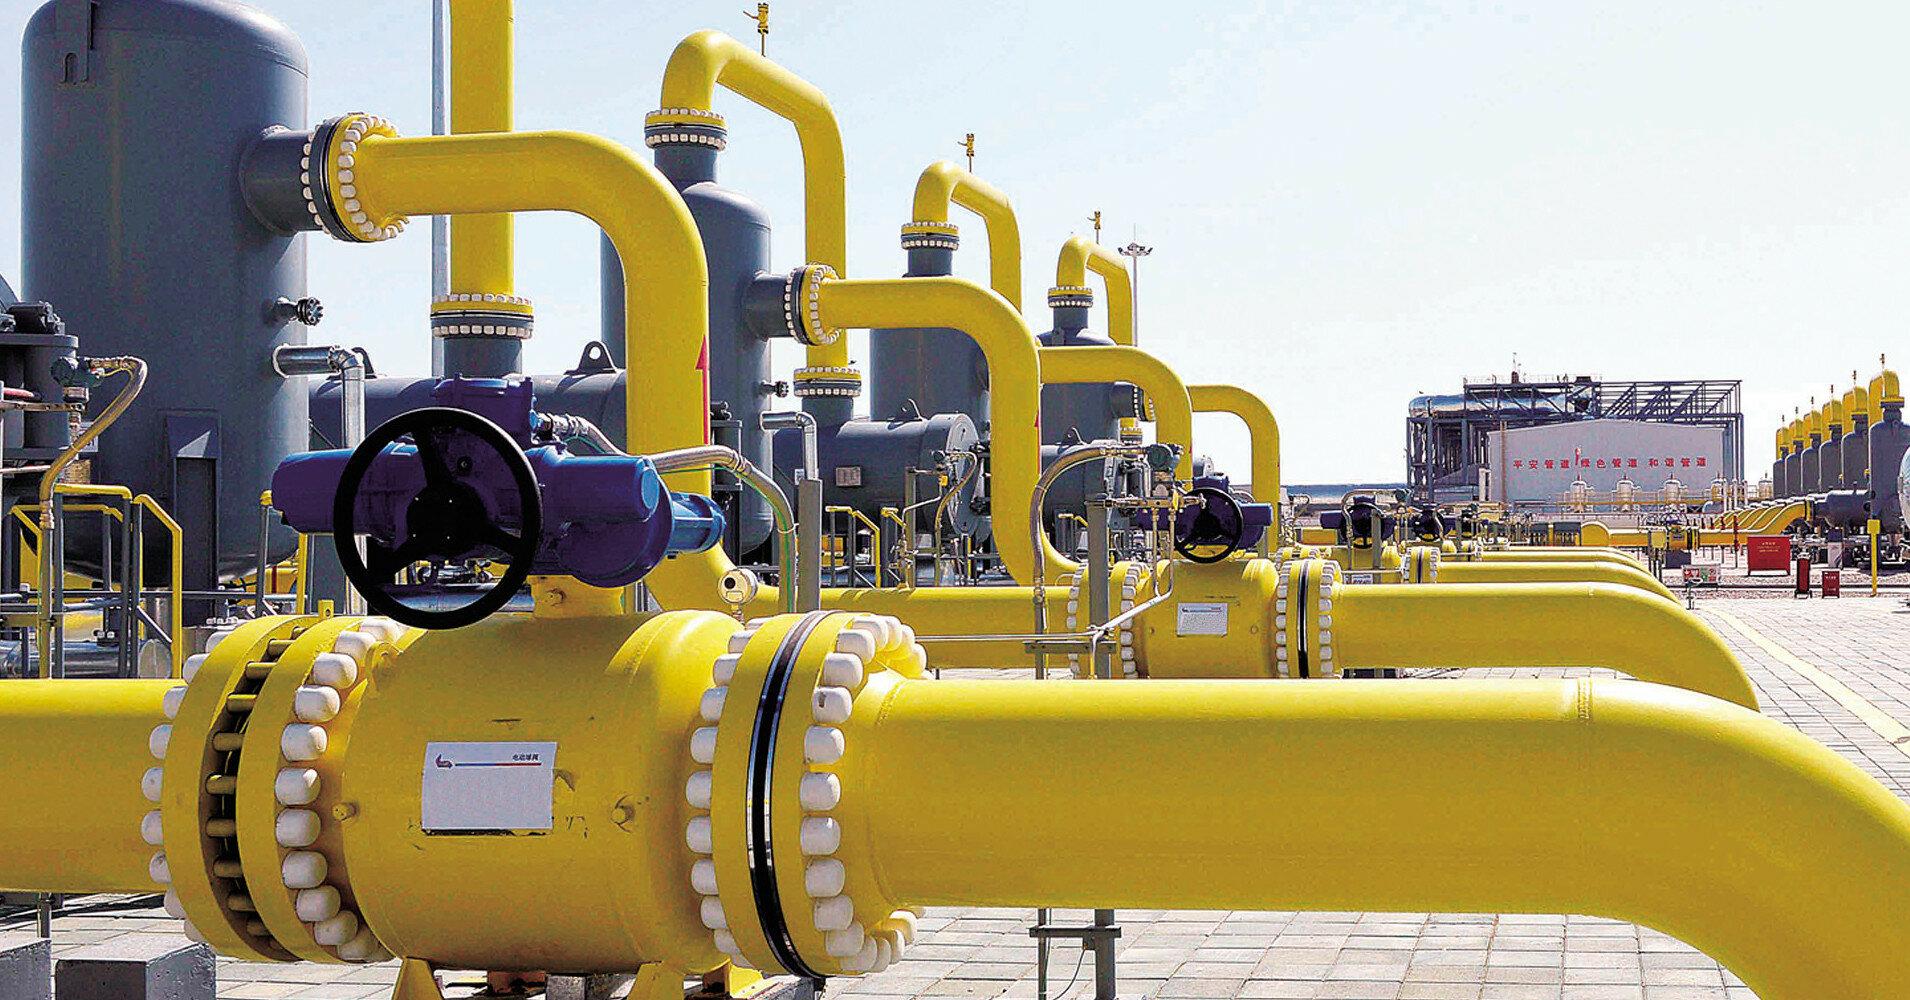 РГК начала водородные испытания на газорегулирующем оборудовании